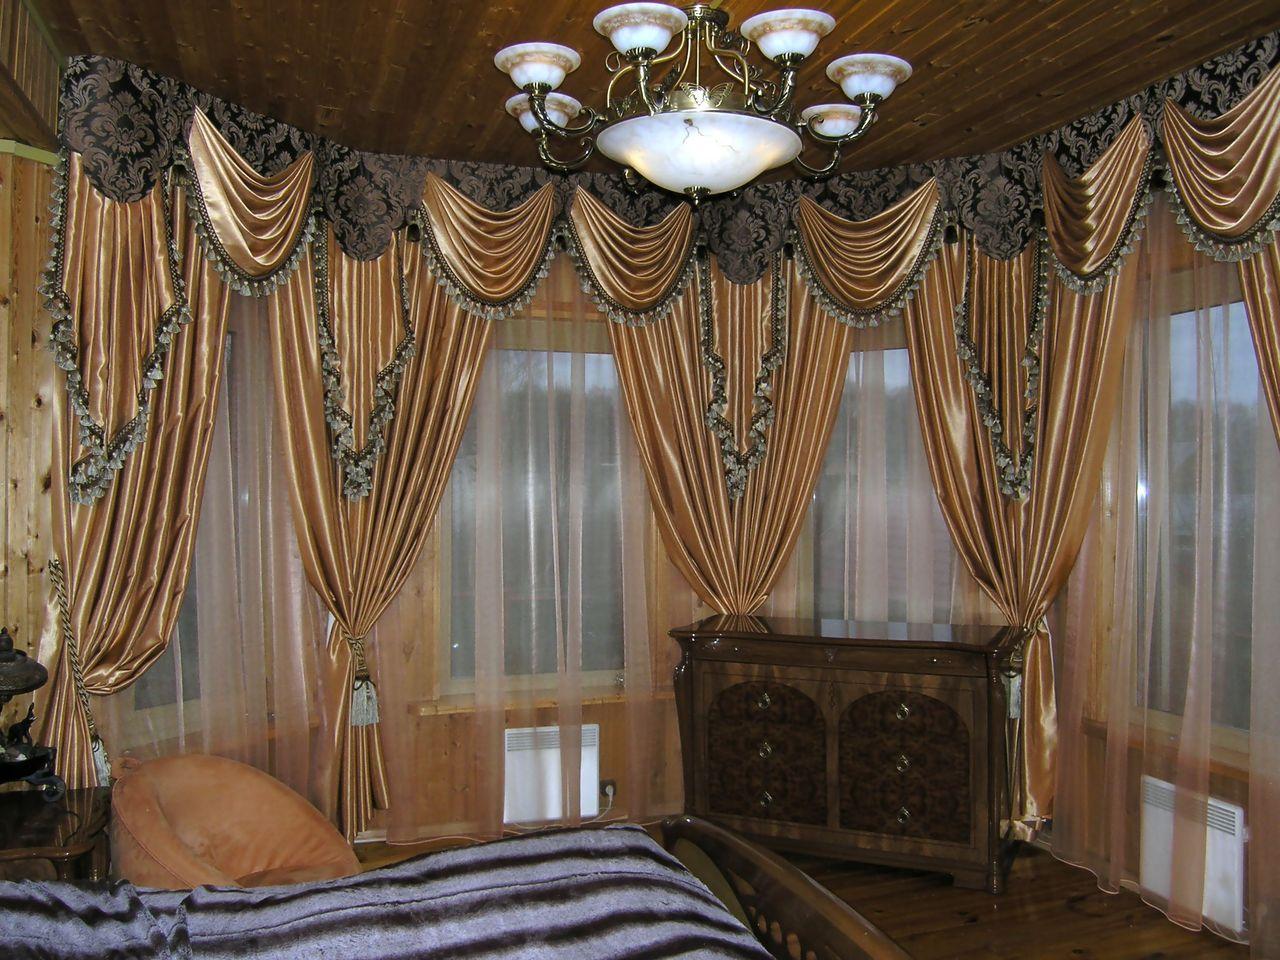 Как можно просто сшить красивые шторы